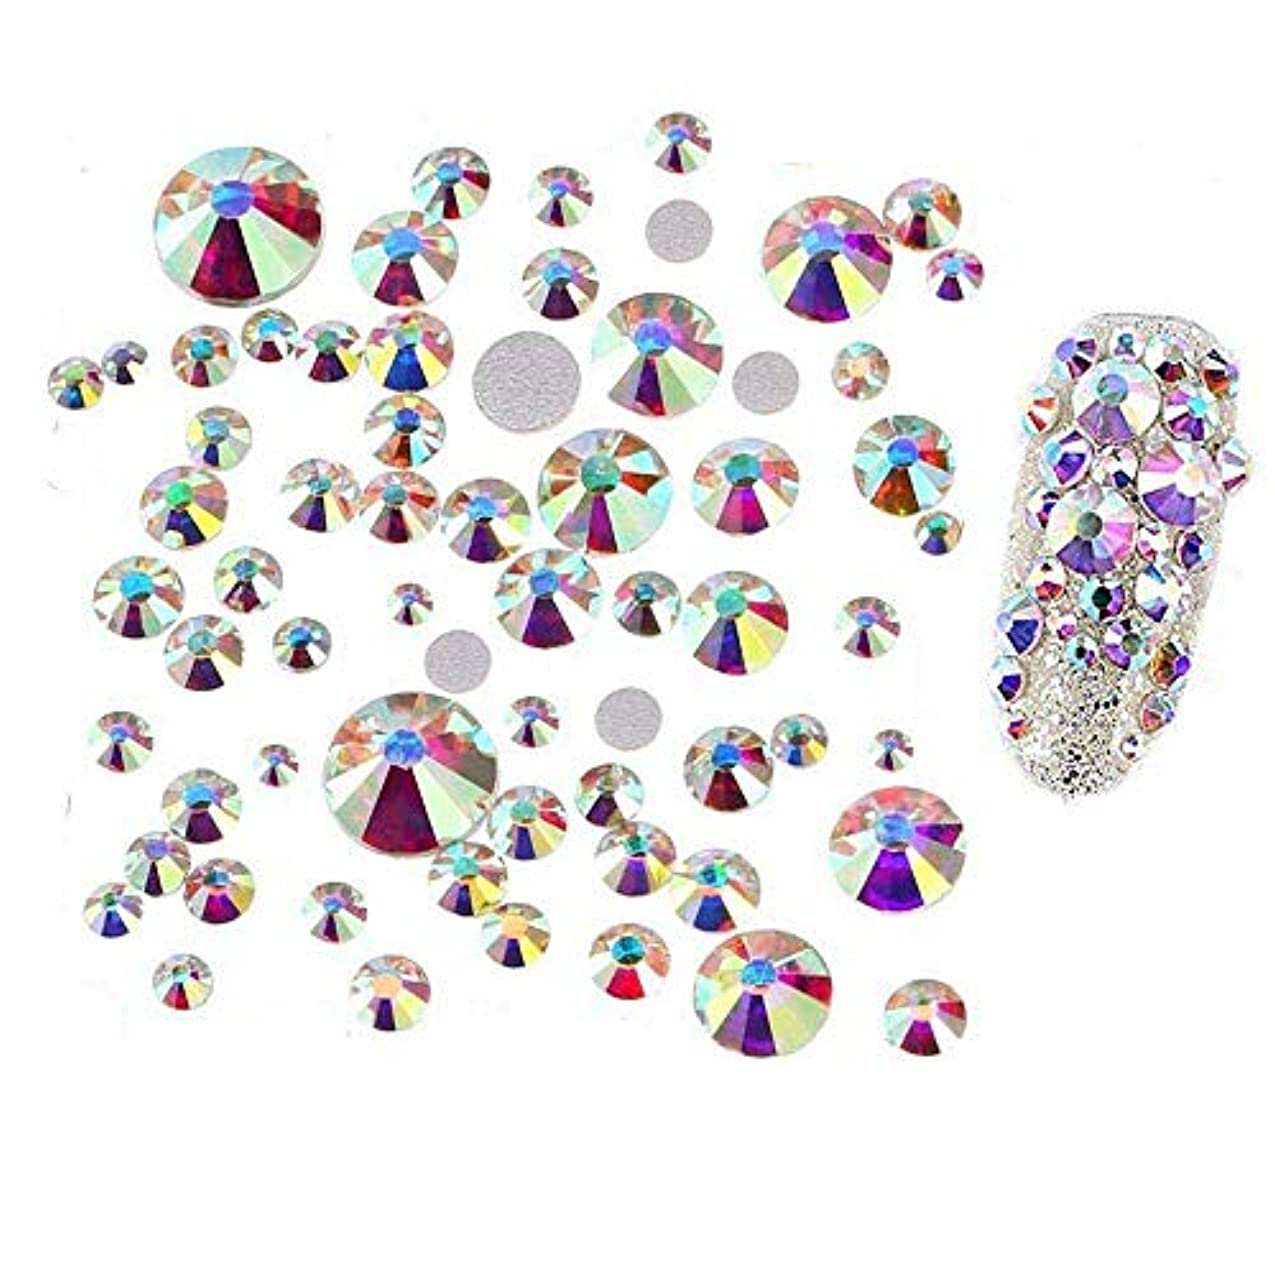 器用ウサギ商品高品質 ガラスストーン オーロラ クリスタル,ラインストーン ネイル デコ ガラスストーン クリスタル ジェルネイル ネイルパーツ (約200粒)